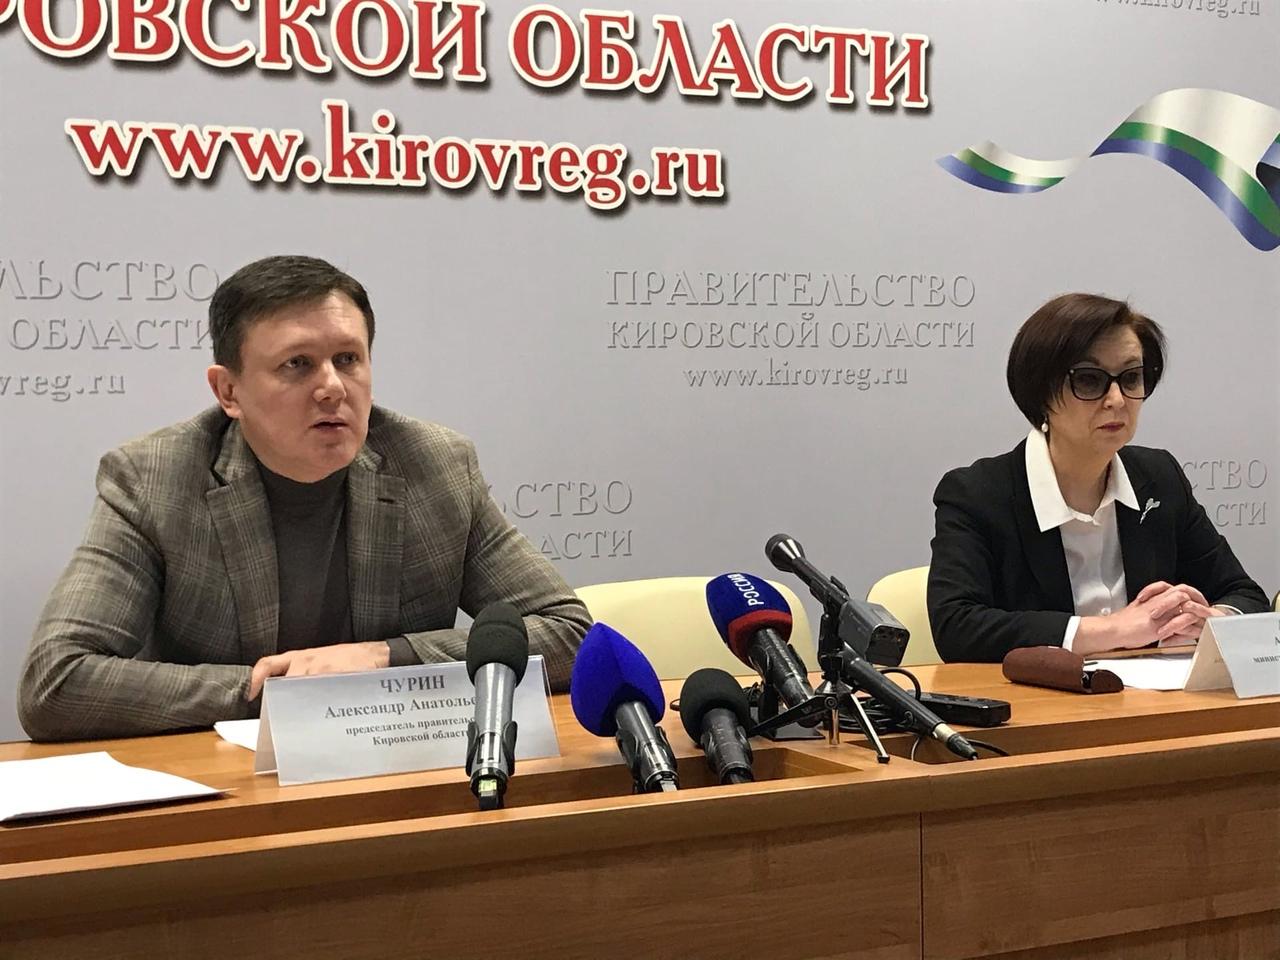 Председатель правительства Кировской области отрицает факт возникновения мусорного коллапса